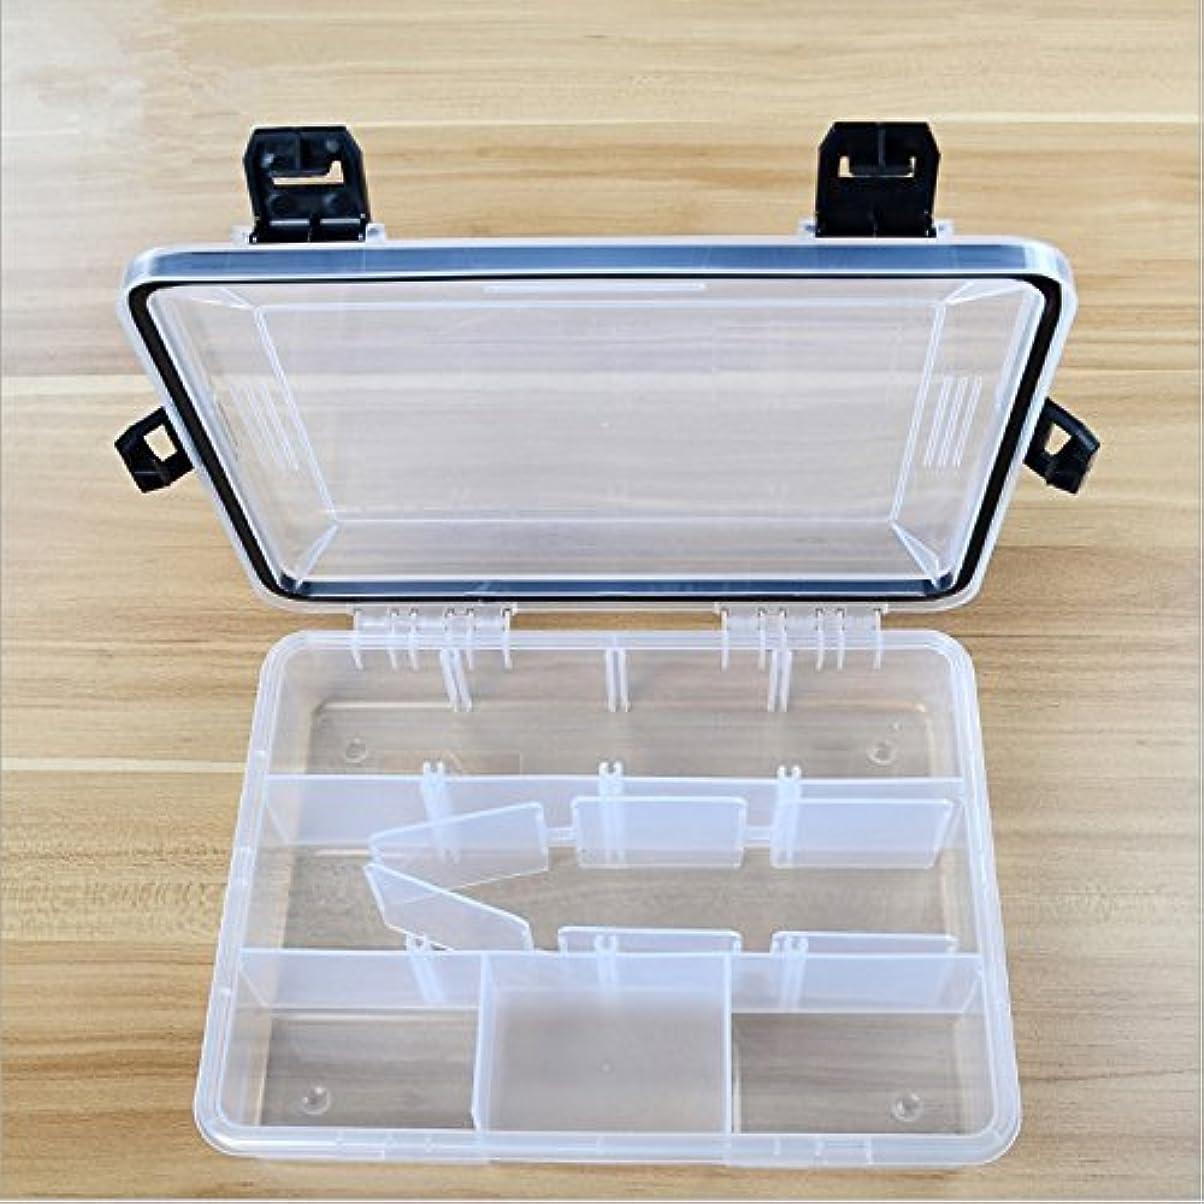 発疹クラックポット取り消すfishcm h0123 C釣りルアーボックス、調節可能なプラスチックフックタックルボックスストレージケースオーガナイザー